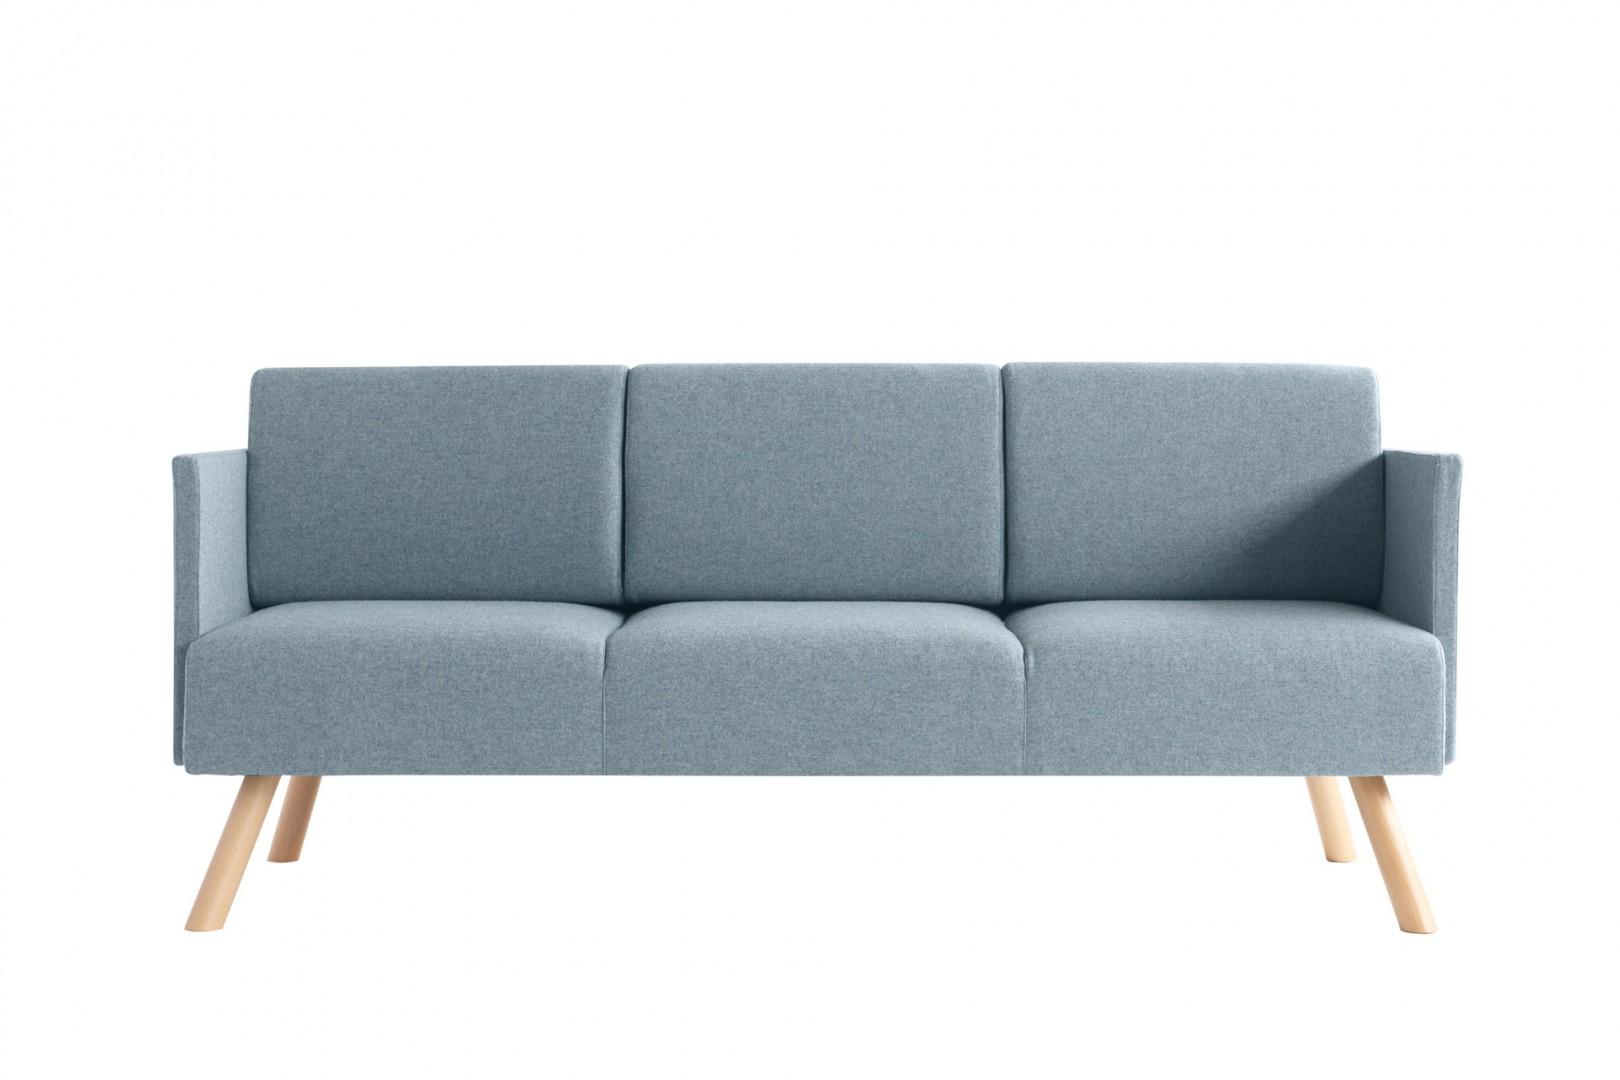 Sofa do miejsc publicznych Nomad Metalmobil - poczekalnie, biura